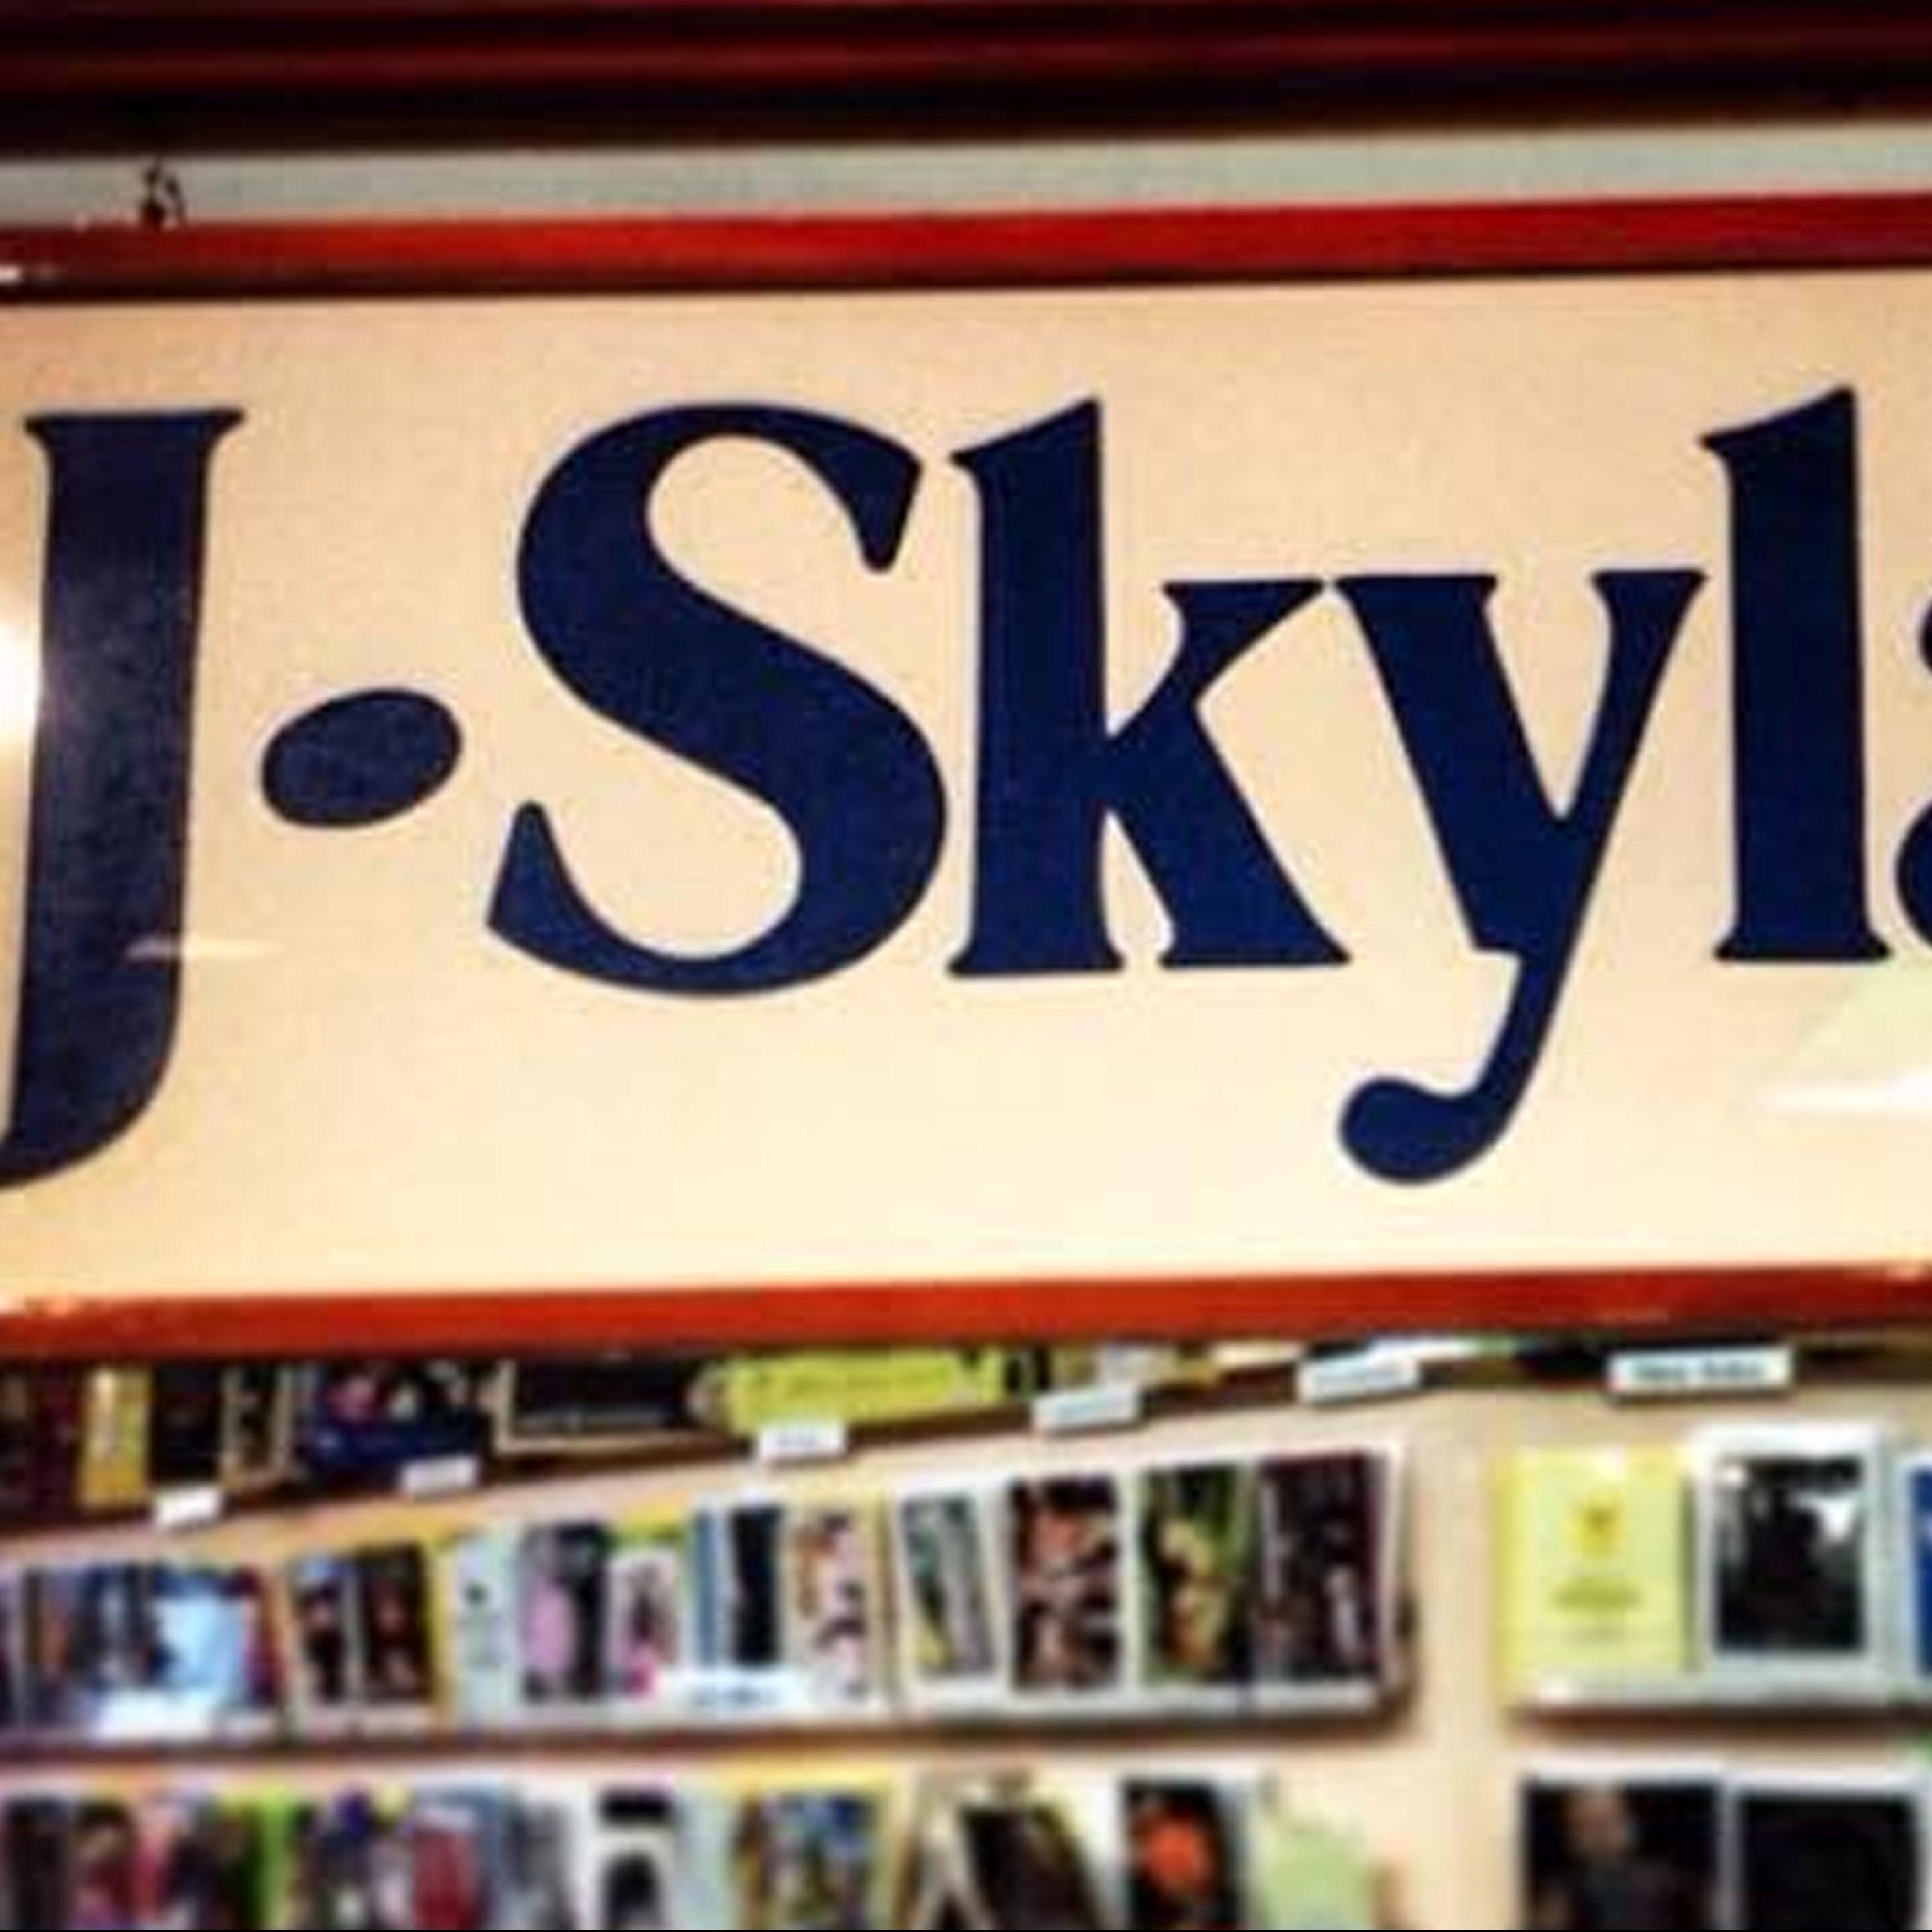 J Skylark